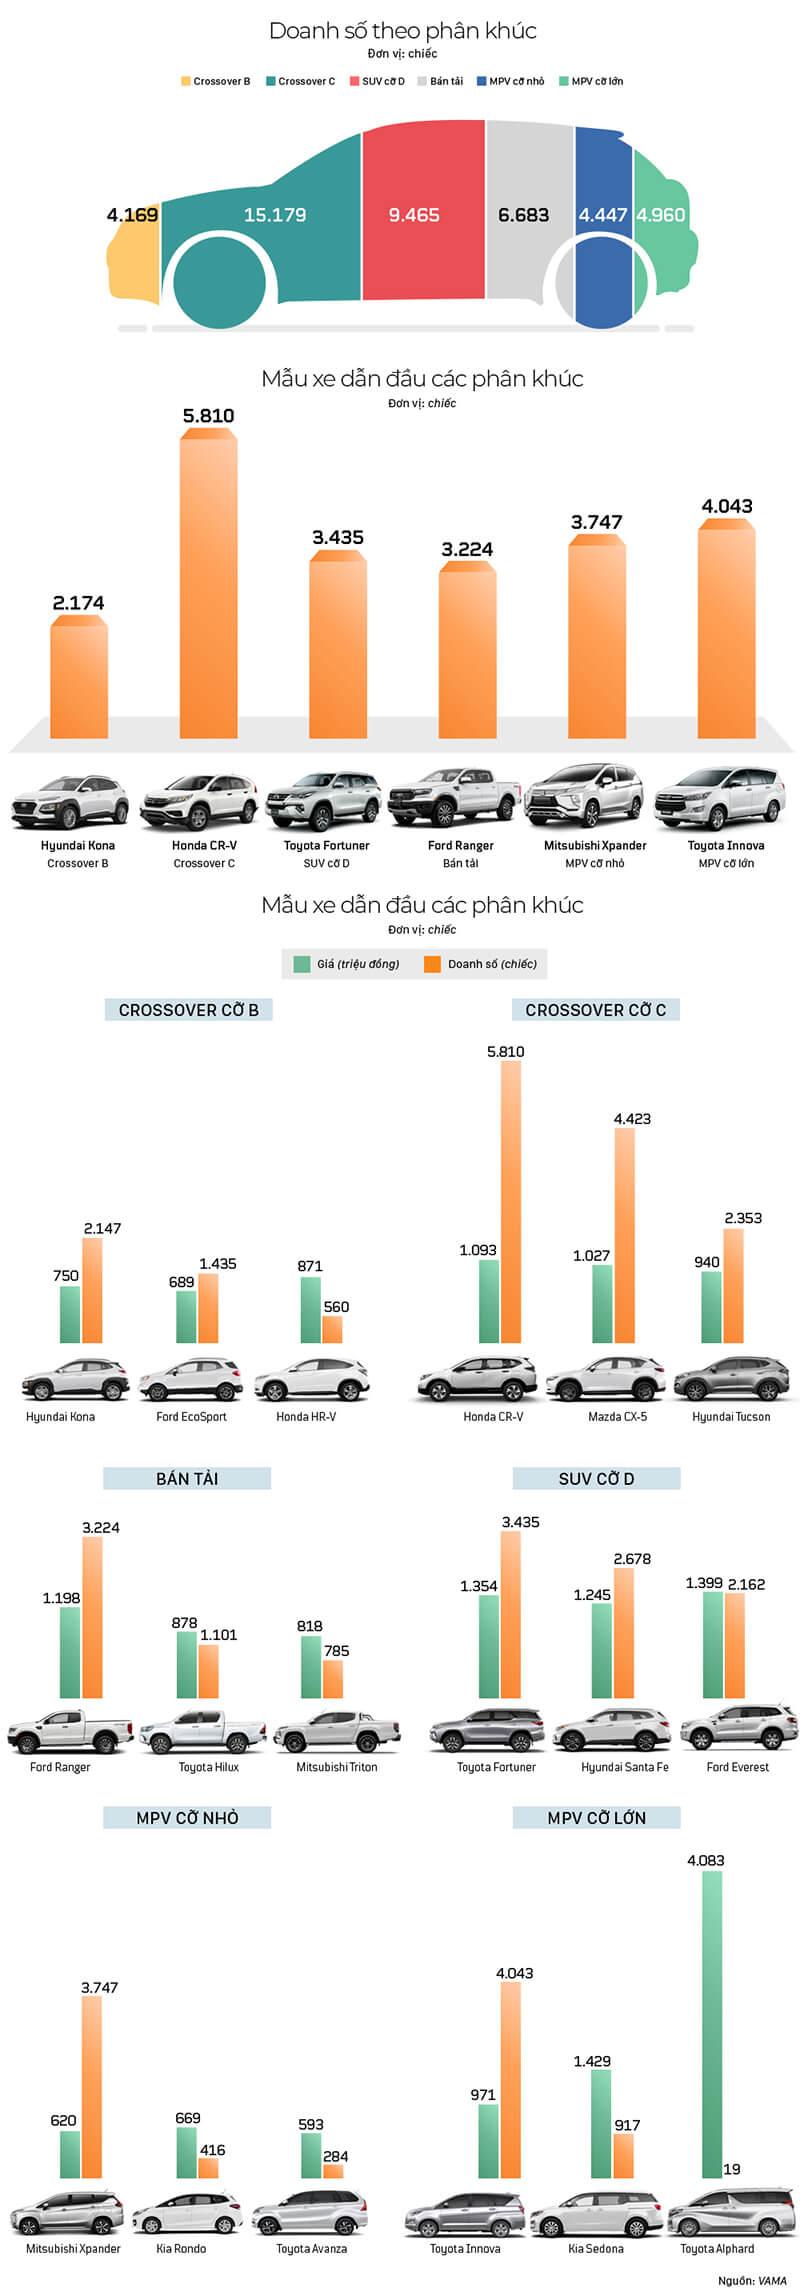 infographic-doanh-so-xe-gam-cao-4-thang-dau-nam-2019-muaxebanxe-com